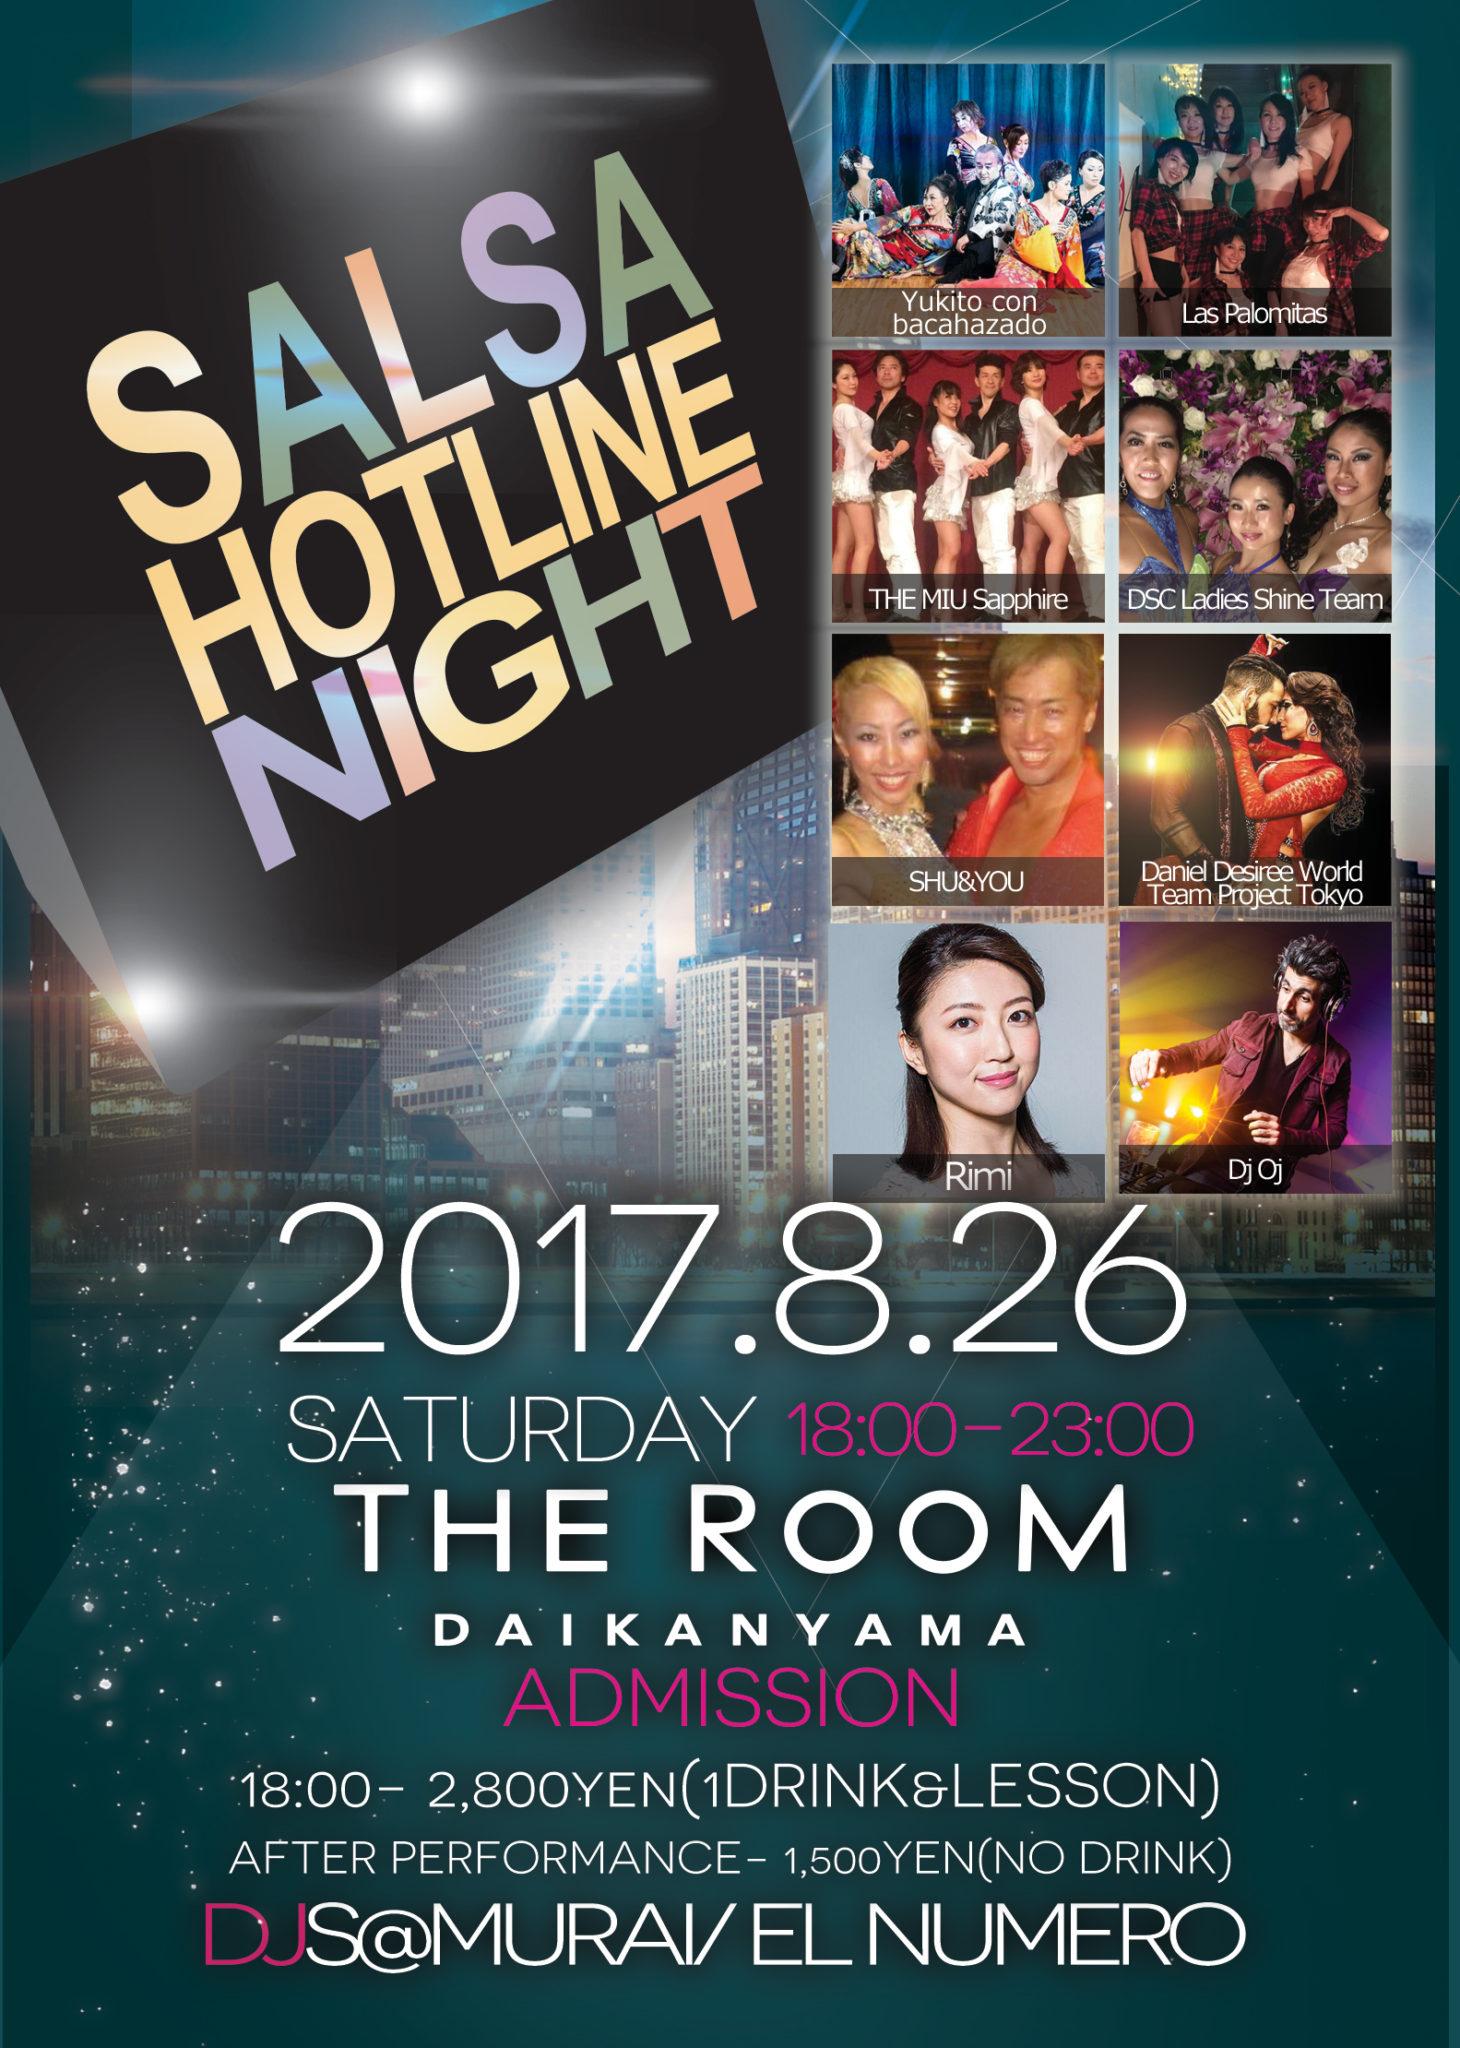 第233回 Salsa Hotline Night(サルホナイト) 【お得な早割あり!】【Guest DJ】DJ OJ【レッスン】Rimi、SHU&YOU【PF】Daniel&Desiree World Team Project Tokyo、DSC Ladies Shine Team、Las Palomitas、THE MIU Sapphire、Yukito con bacahazado